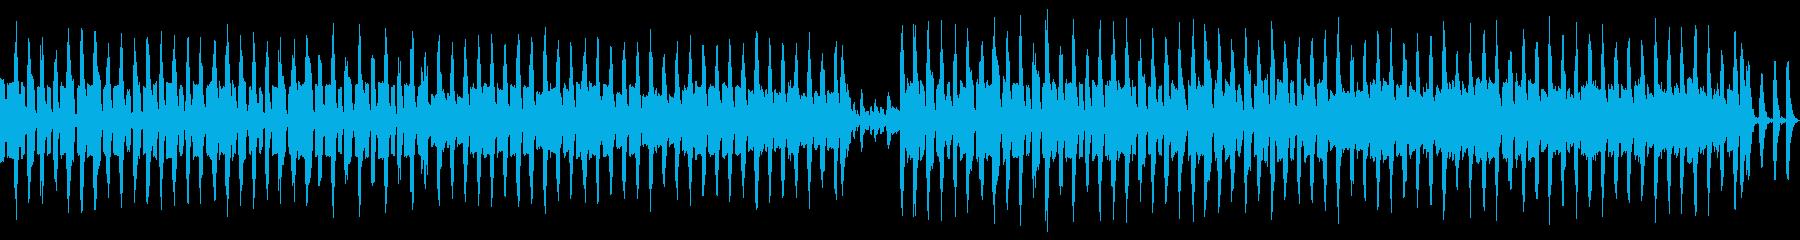 近未来的なイメージの曲の再生済みの波形